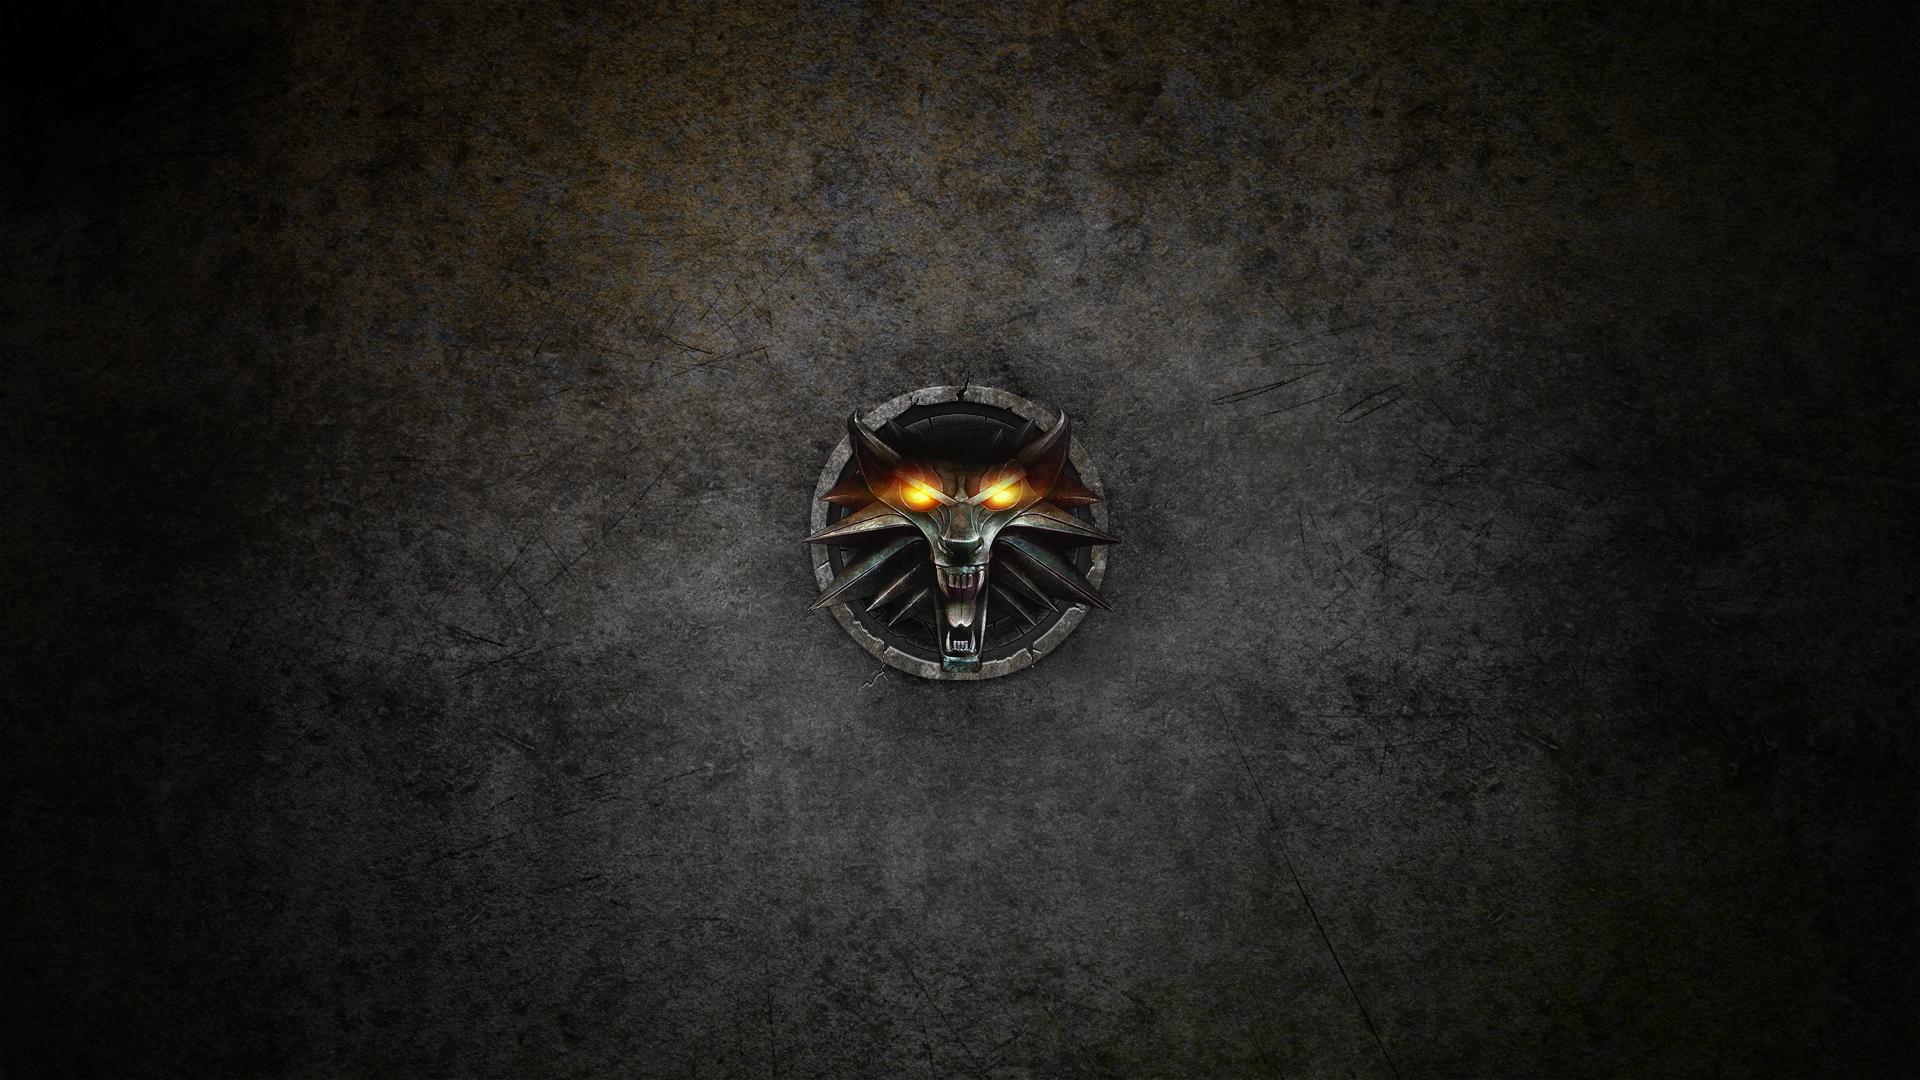 Witcher wolf wallpaper mehro 1920x1080